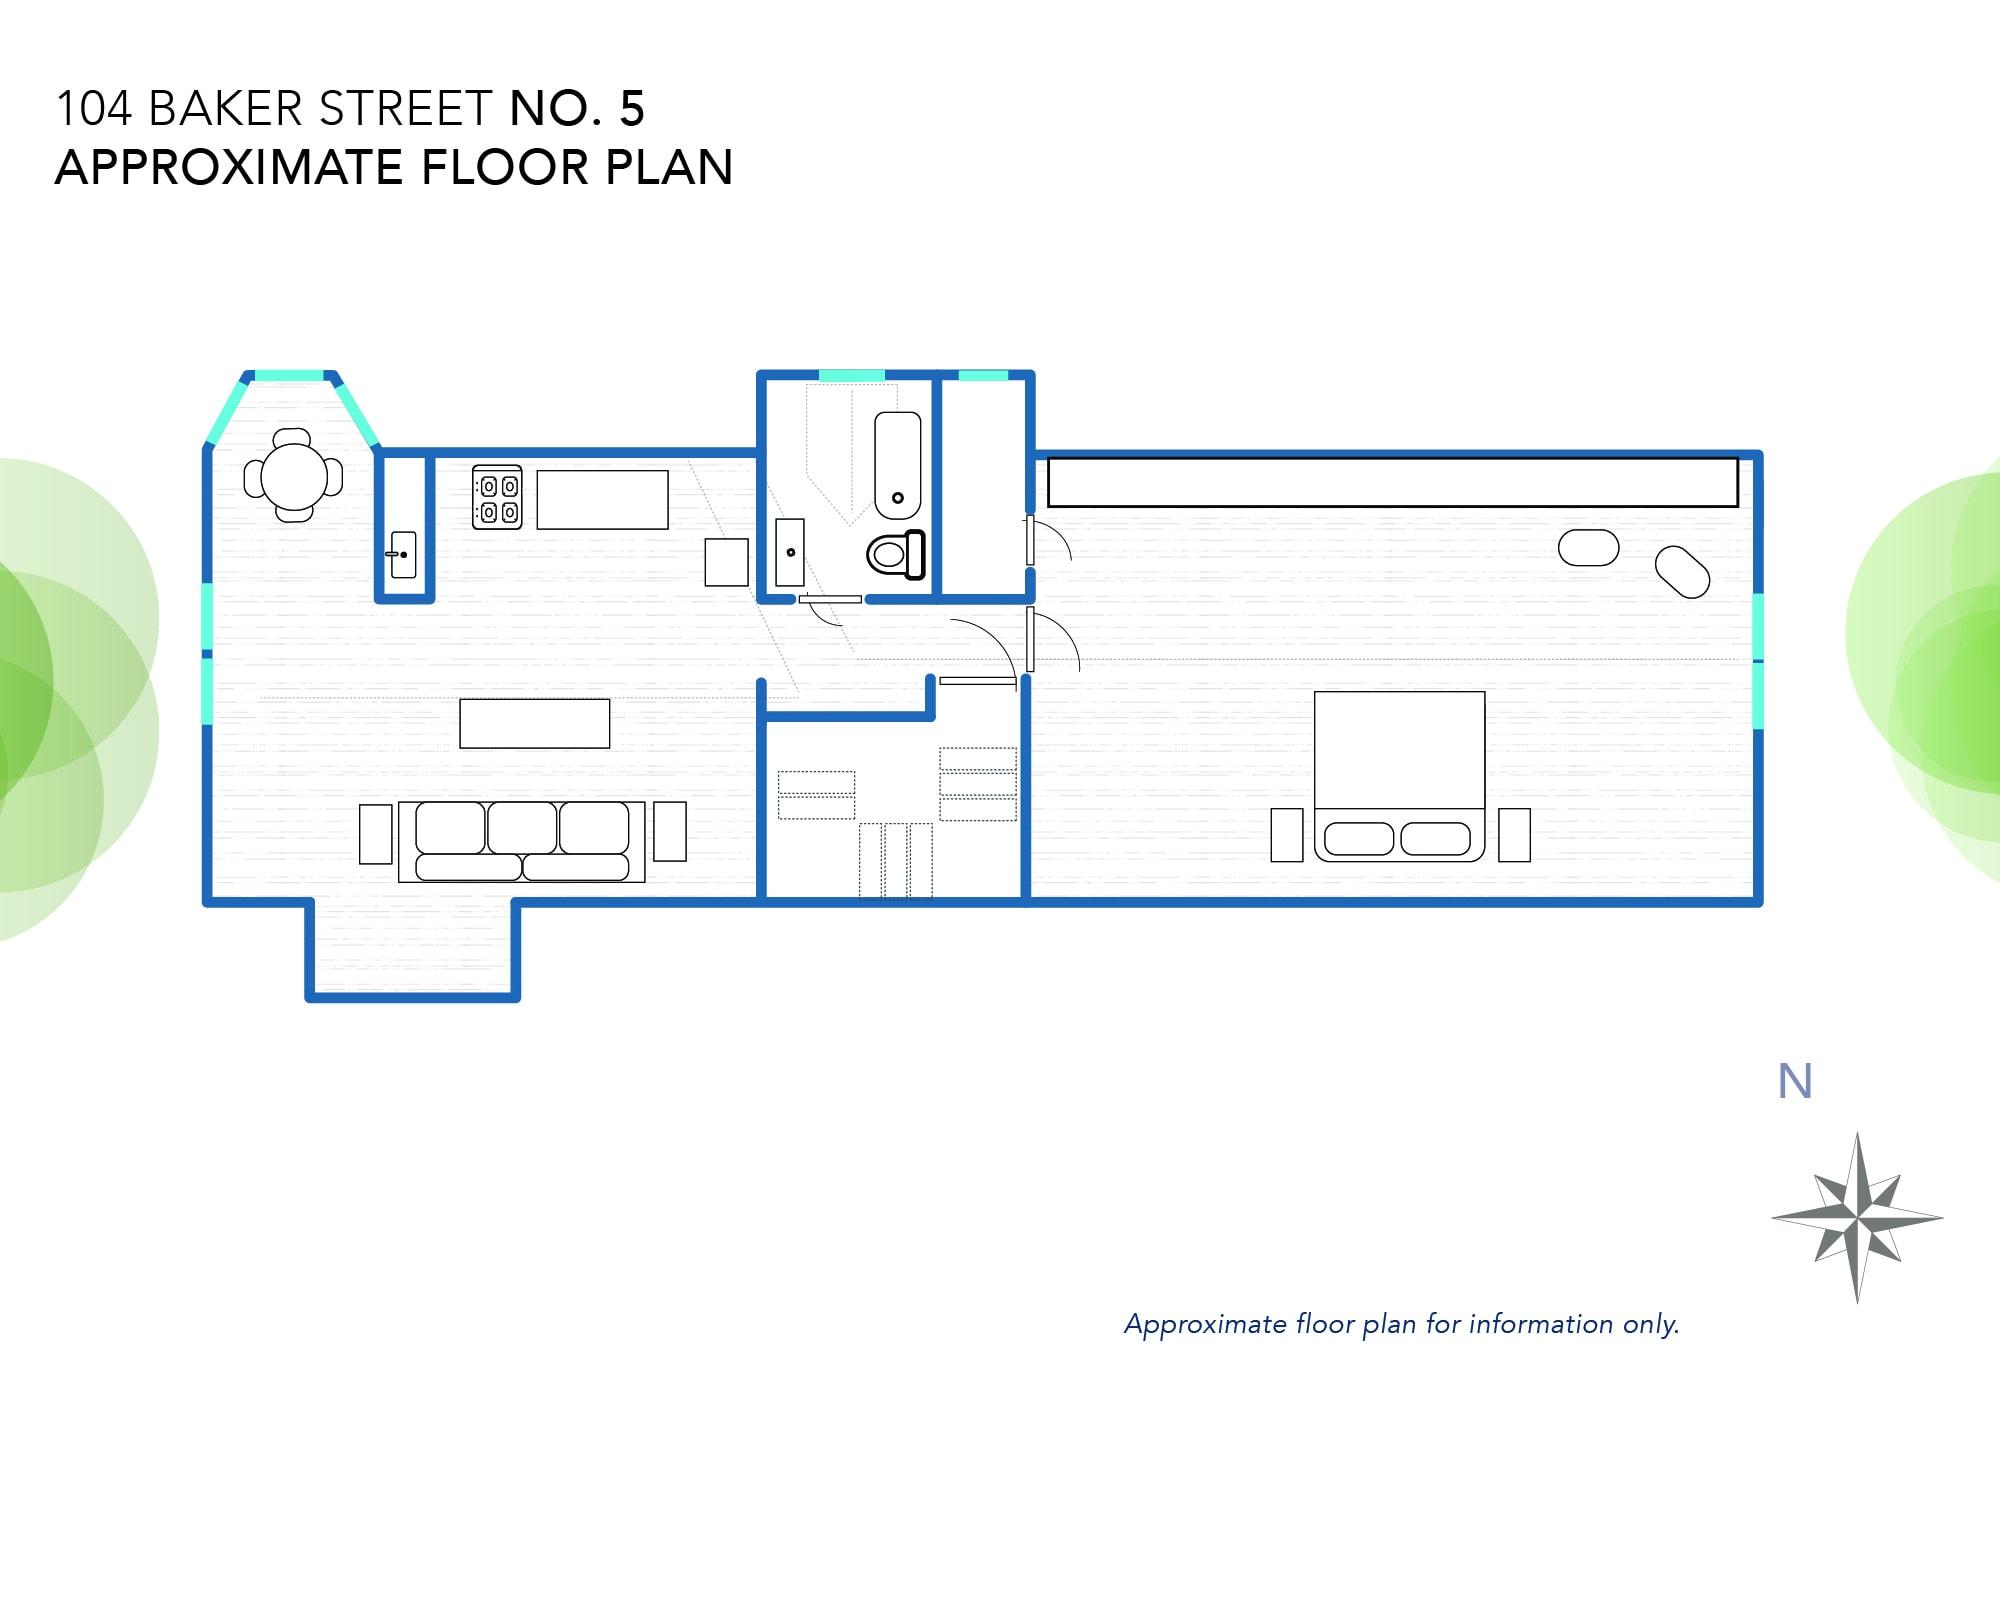 104 Baker's Floor Plan (approximately)